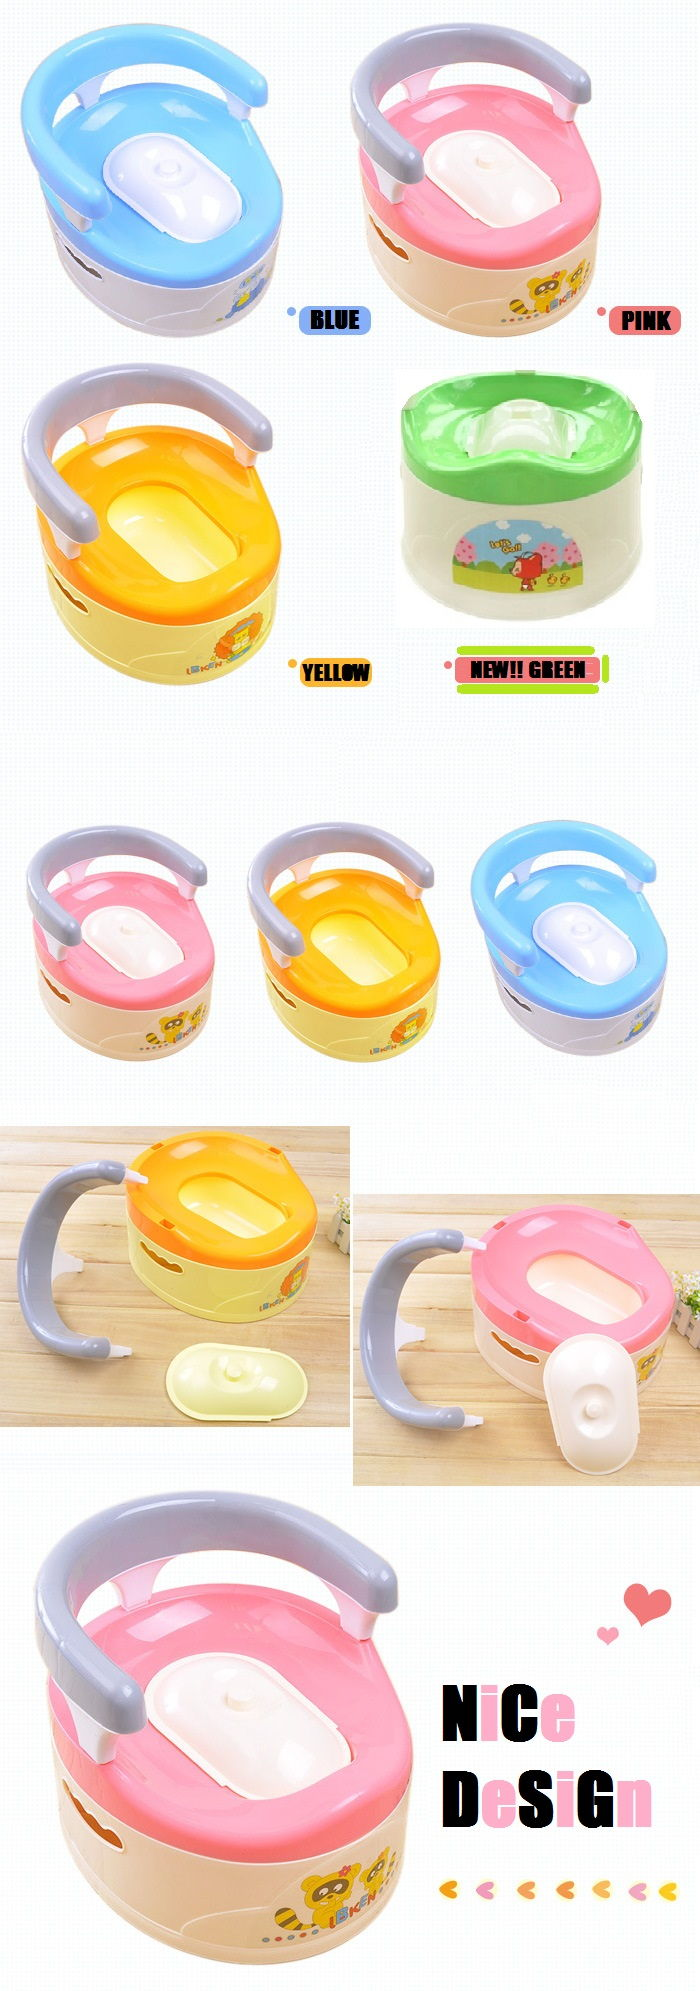 Baby Bullet Baby Food Blender